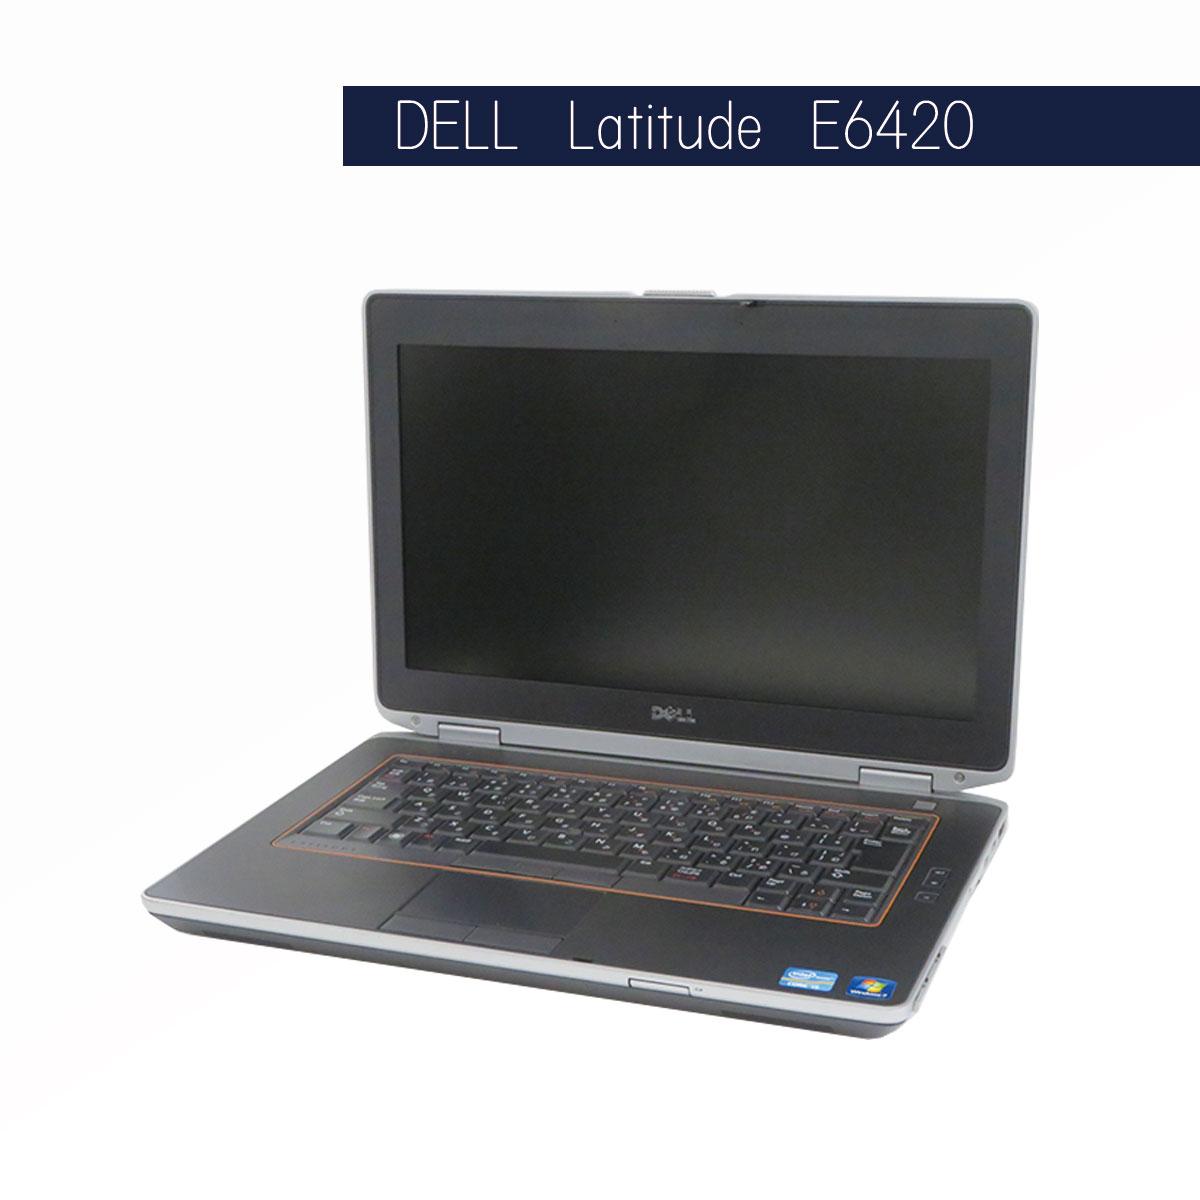 DELL Latitude E6420 Core i5 4GB 250GB (Win7Pro 64bit)